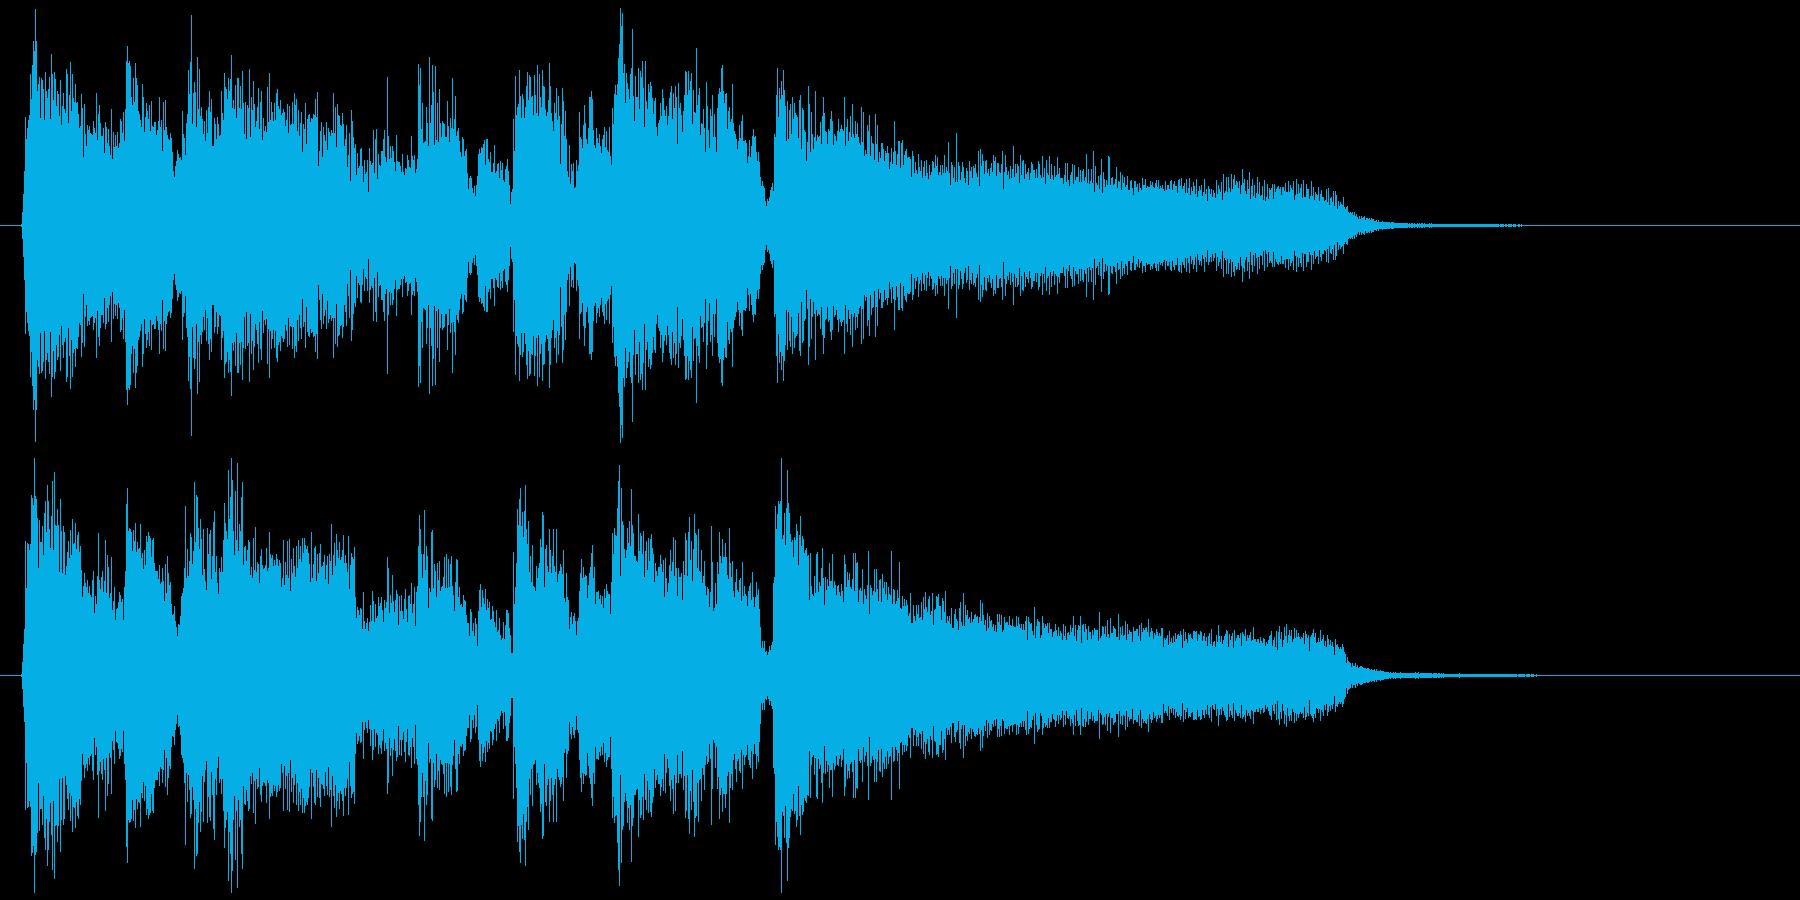 滑らかミディアムスイングのジャズジングルの再生済みの波形